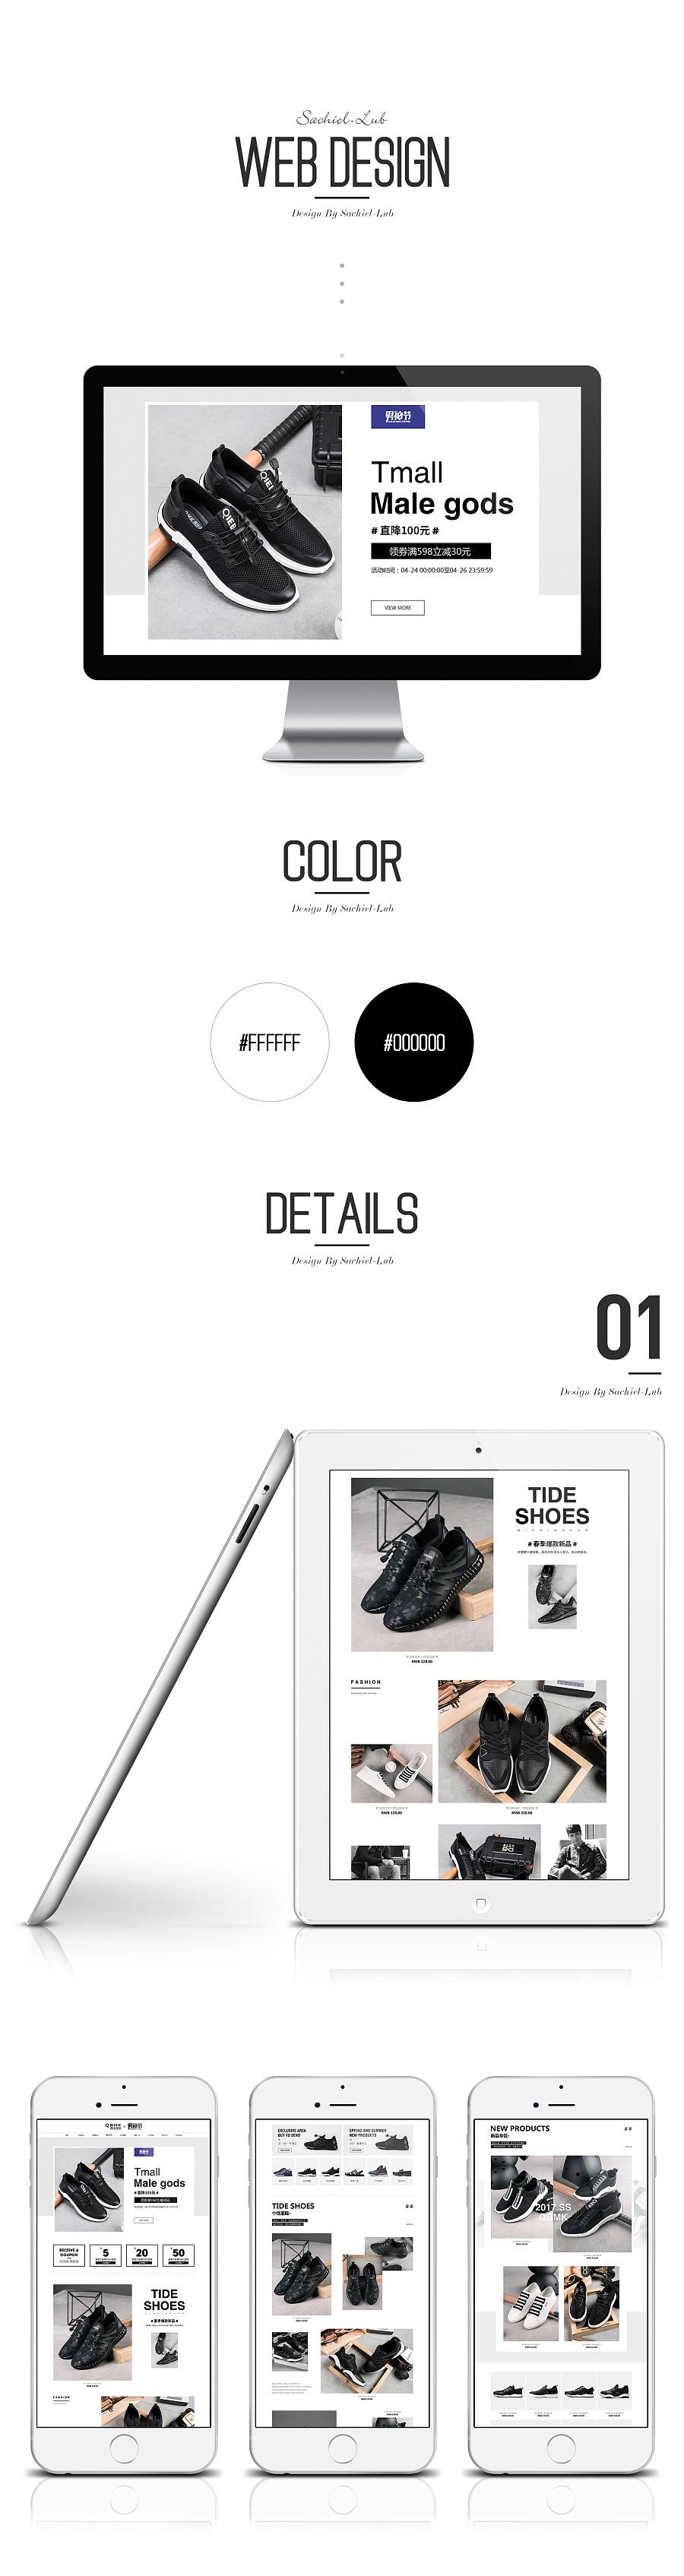 查看《【首页】乔比迈凯男鞋男神节页面》原图,原图尺寸:1920x7233